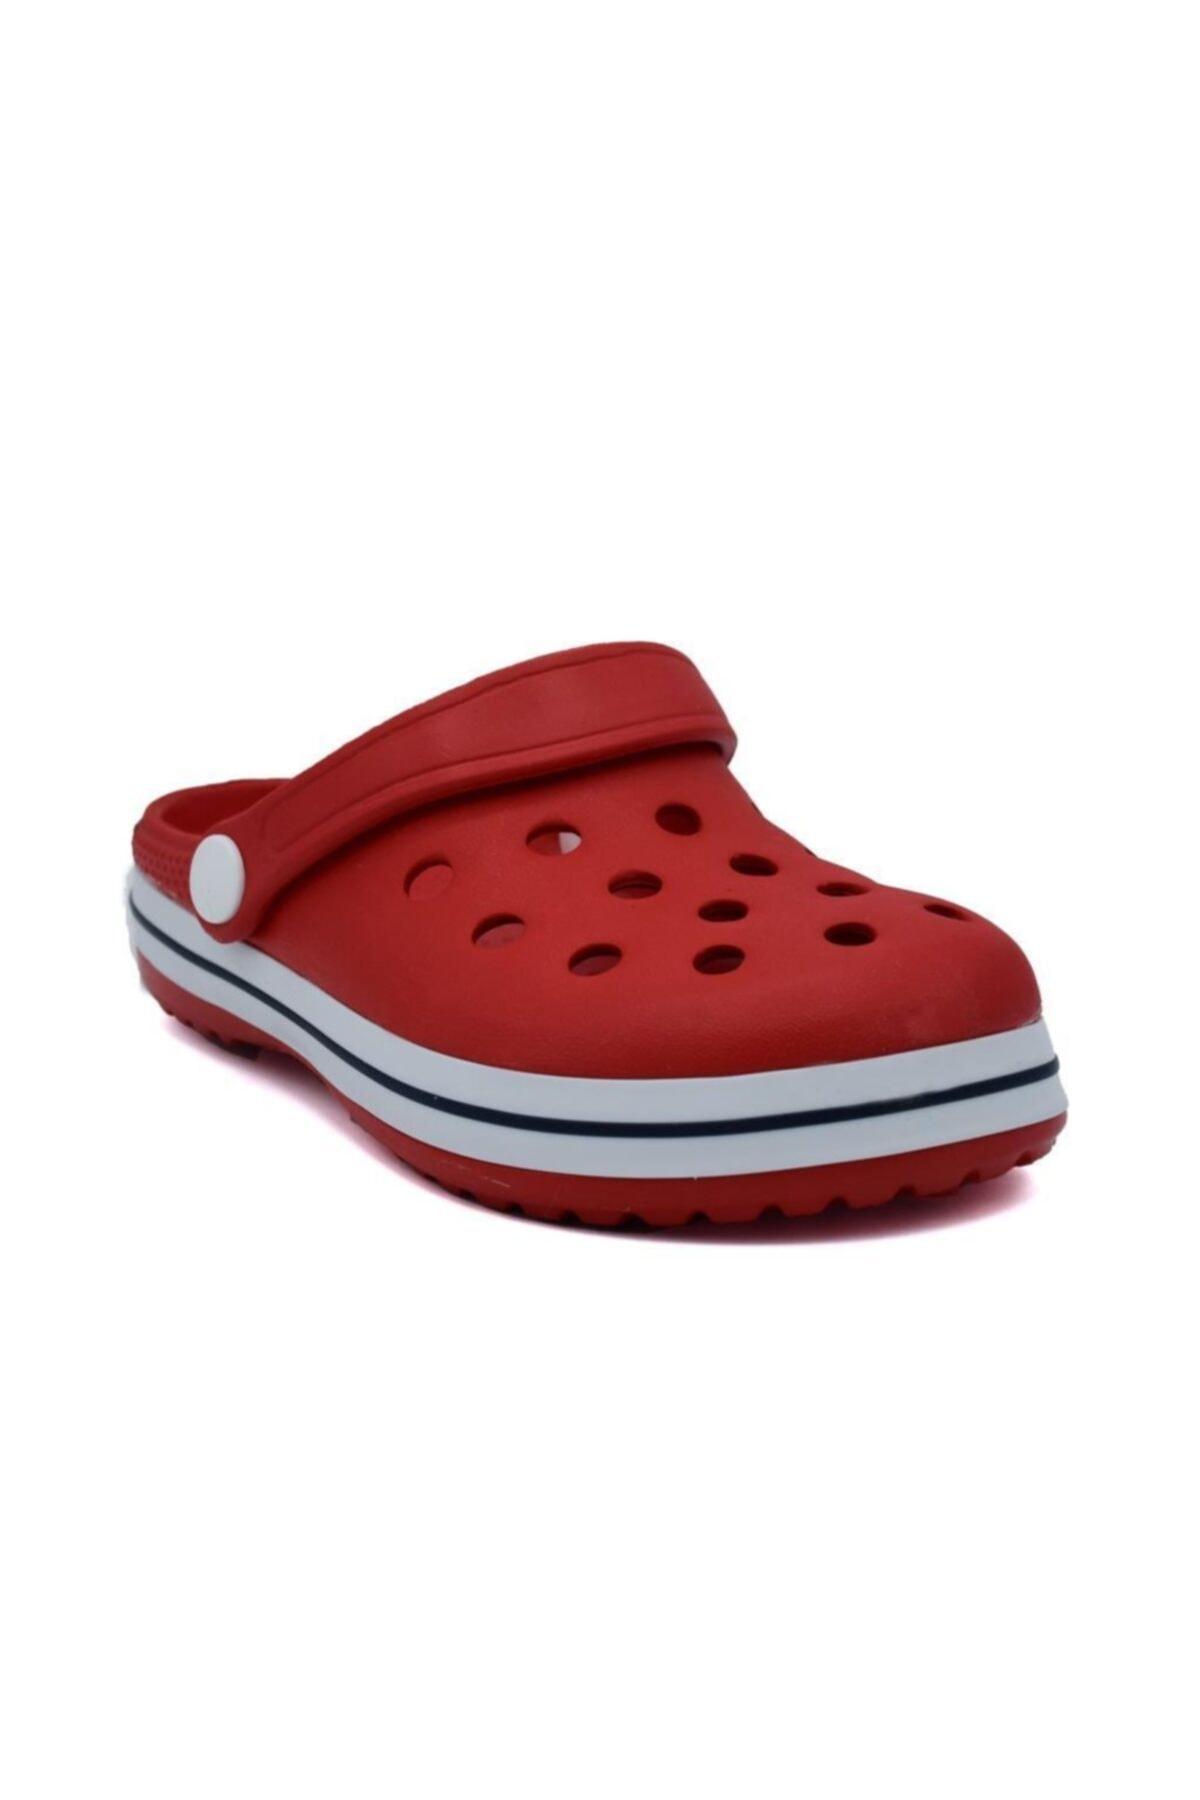 Erkek Çocuk Mavi&kırmızı Deniz Havuz Terliği Sandalet